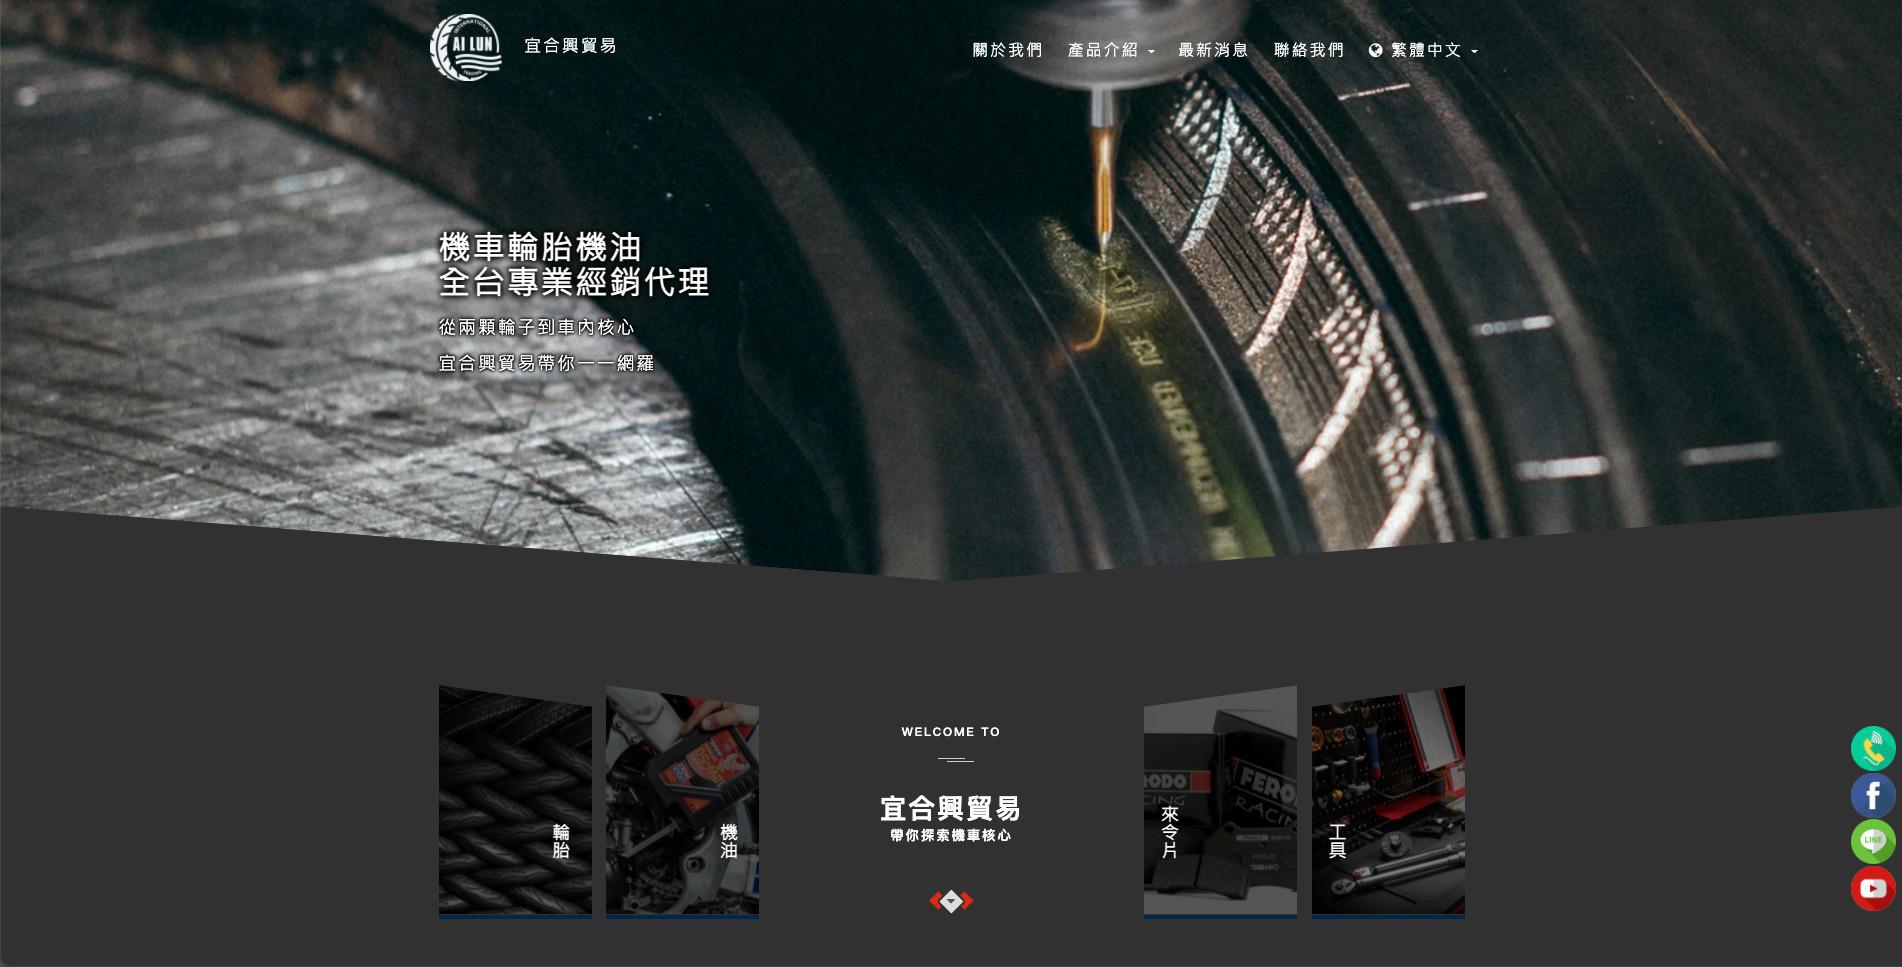 高雄 SEO優化 網頁設計成功案例-主視覺 宜合興機車零件及輪胎貿易商